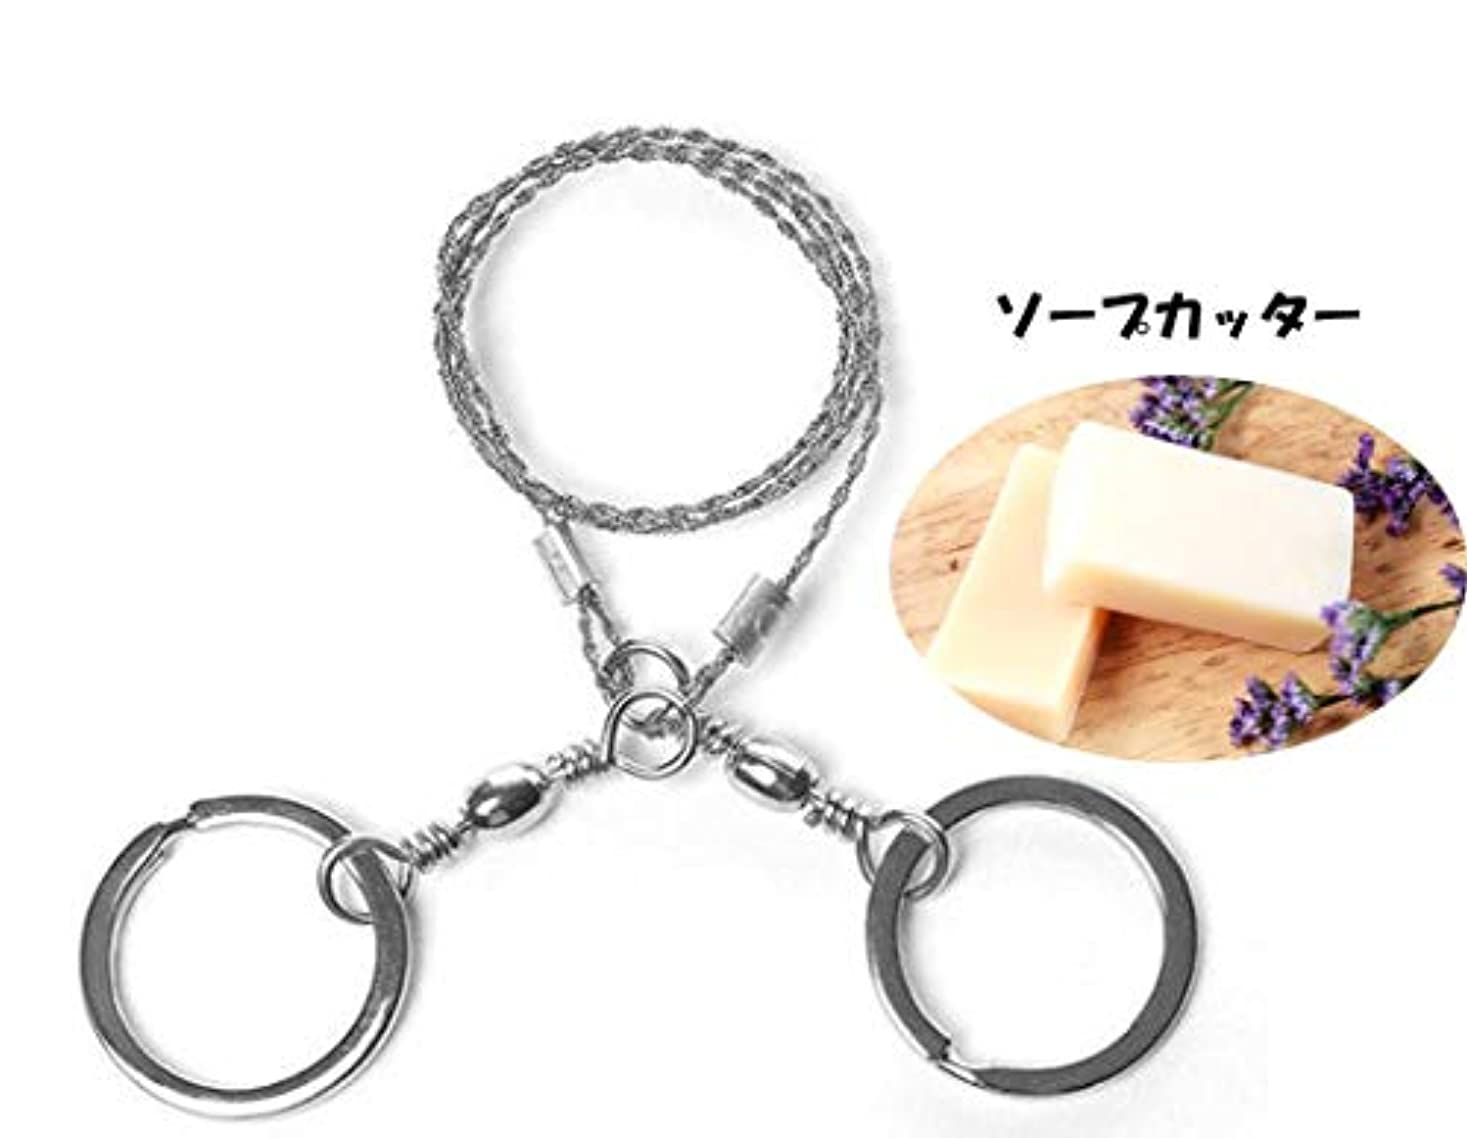 会う結論夕暮れワイヤーカッター ハンドルソープ カッター 糸鋸 手作り石けん Soap Making 小型 便利 持ち手リング付 軽量